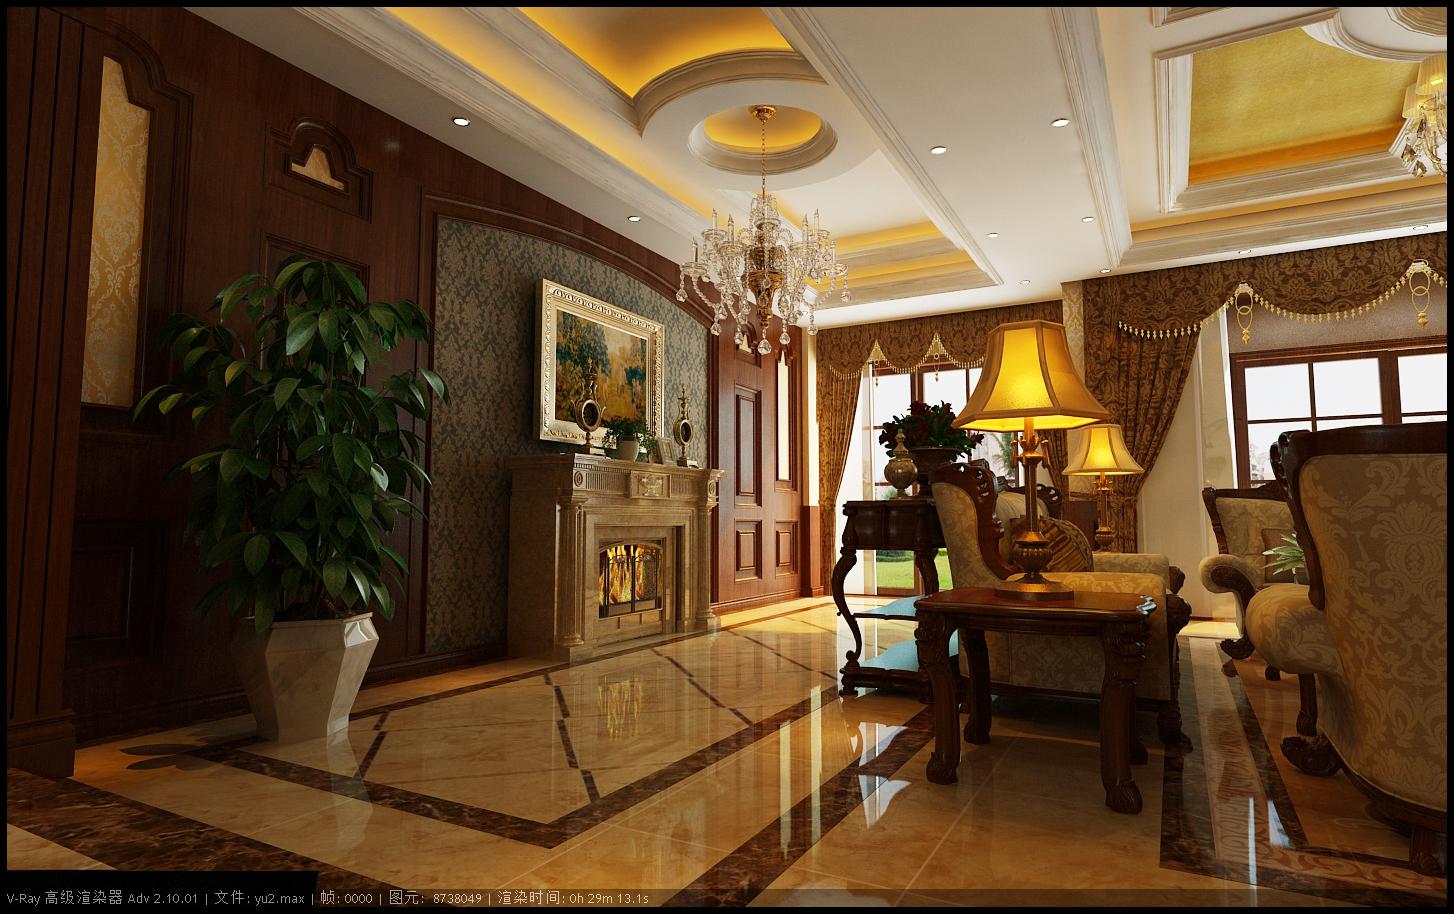 室内设计|三维|建筑/空间|说人话的咸鱼 - 原创作品